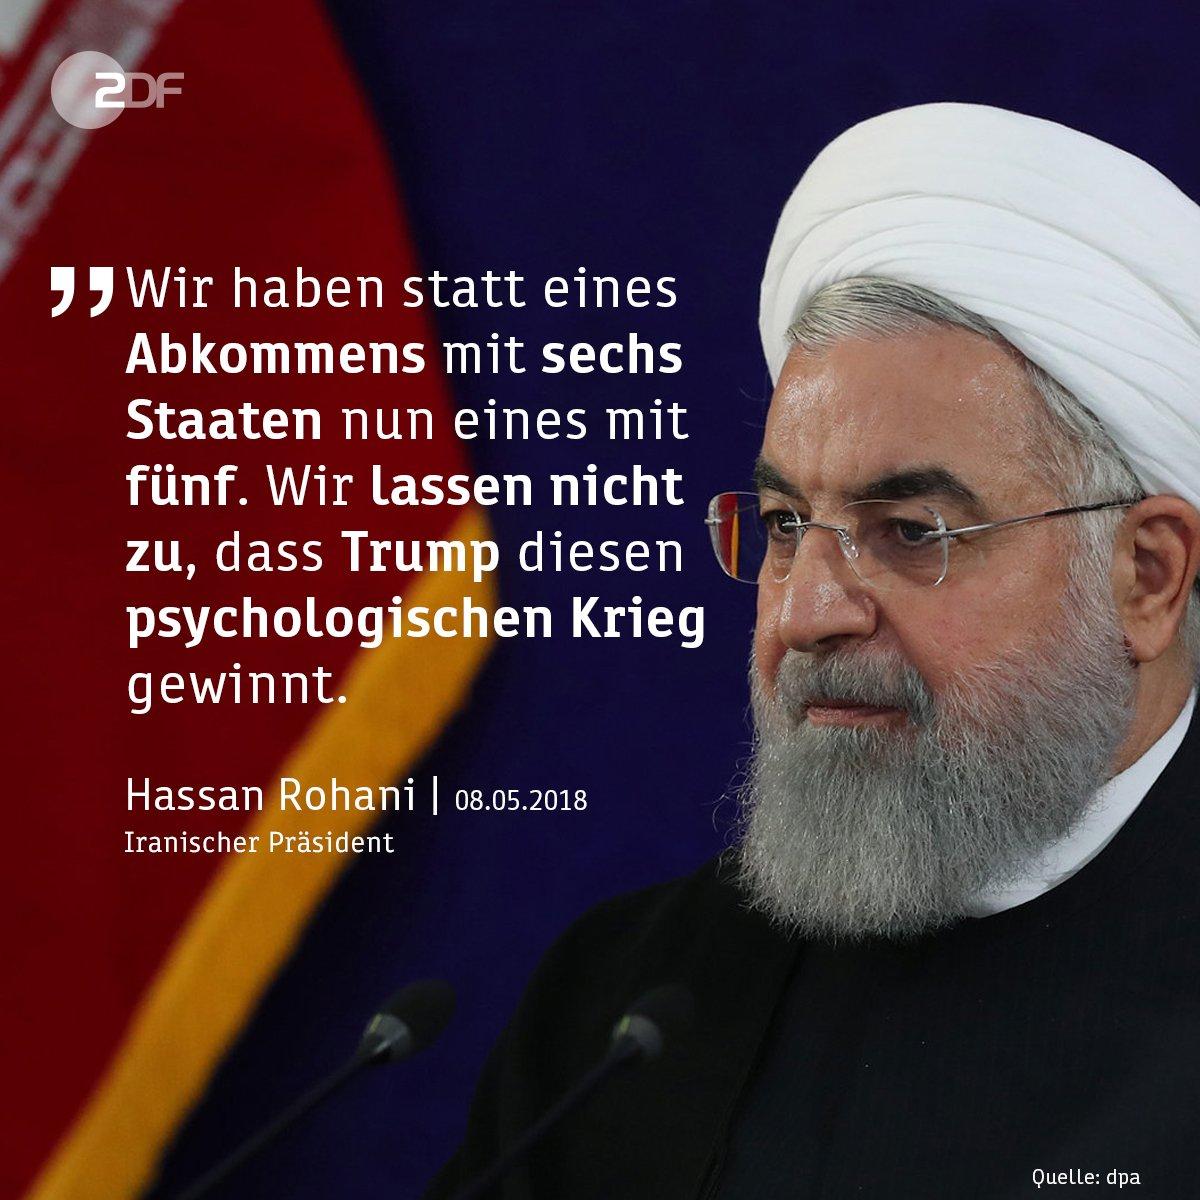 Auch nach dem Ausstieg der #USA aus dem Atomabkommen mit dem #Iran hält #Teheran an der Vereinbarung fest.